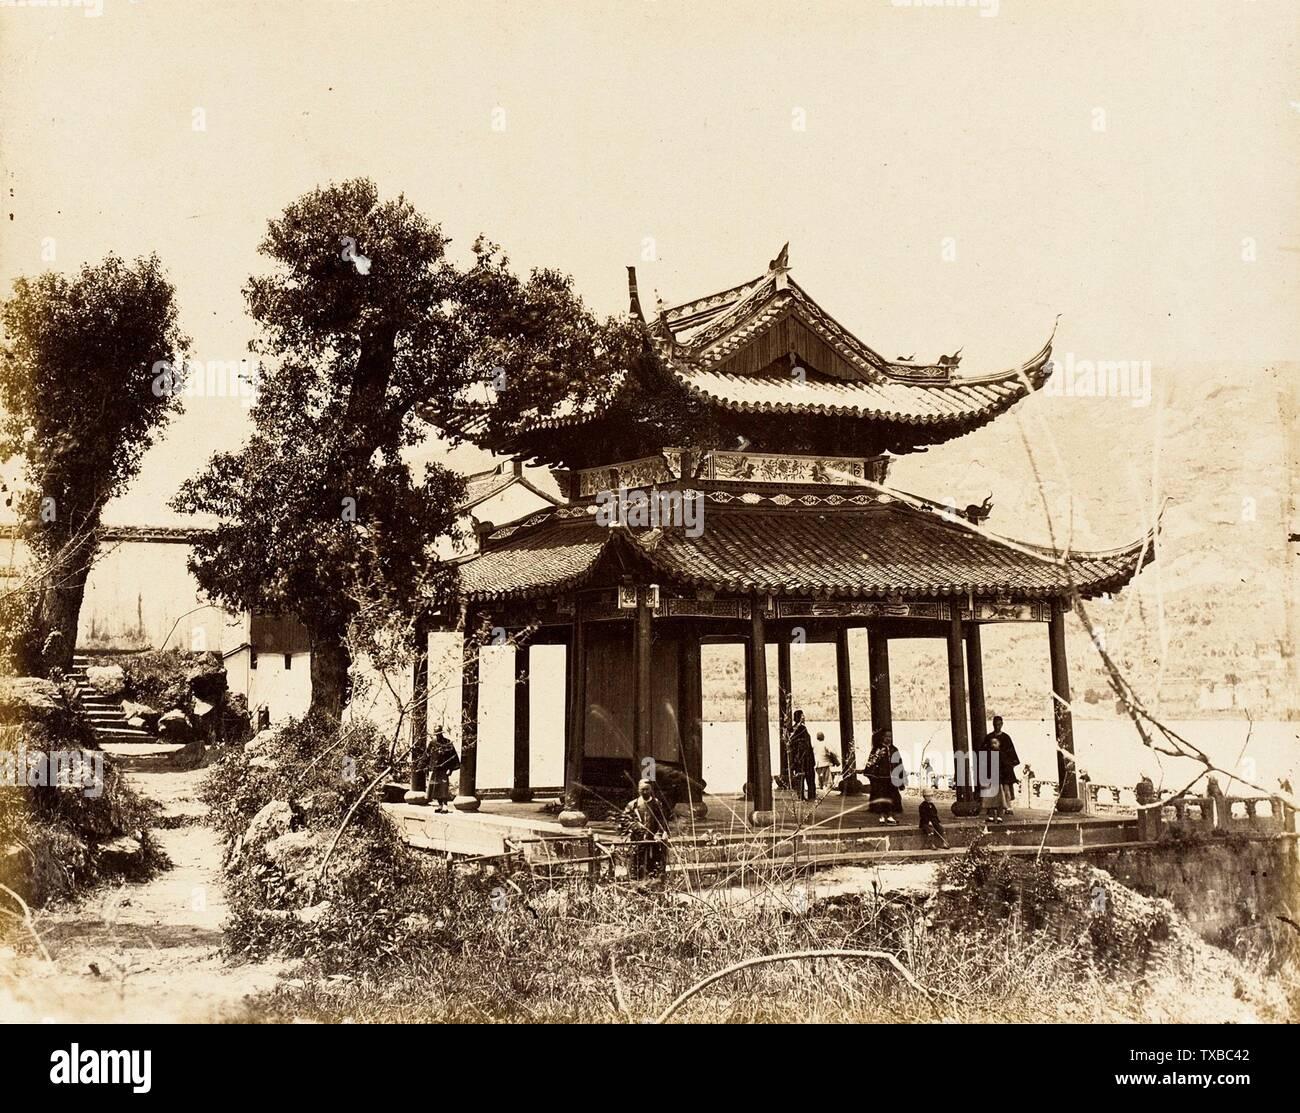 """""""Pabellón sobre el agua, S. China; en inglés: Italia, 1860 fotografías albúmina imprimir sin enmarcar: 7 1/2"""" x 9 1/2"""". (19,05 x 24,13 cm) de regalo del Sr. y la Sra. Philip Feldman (M.83.302.49) Fotografía; 1860fecha QS:P571,+1860-00-00T00:00:00Z/9; ' Imagen De Stock"""